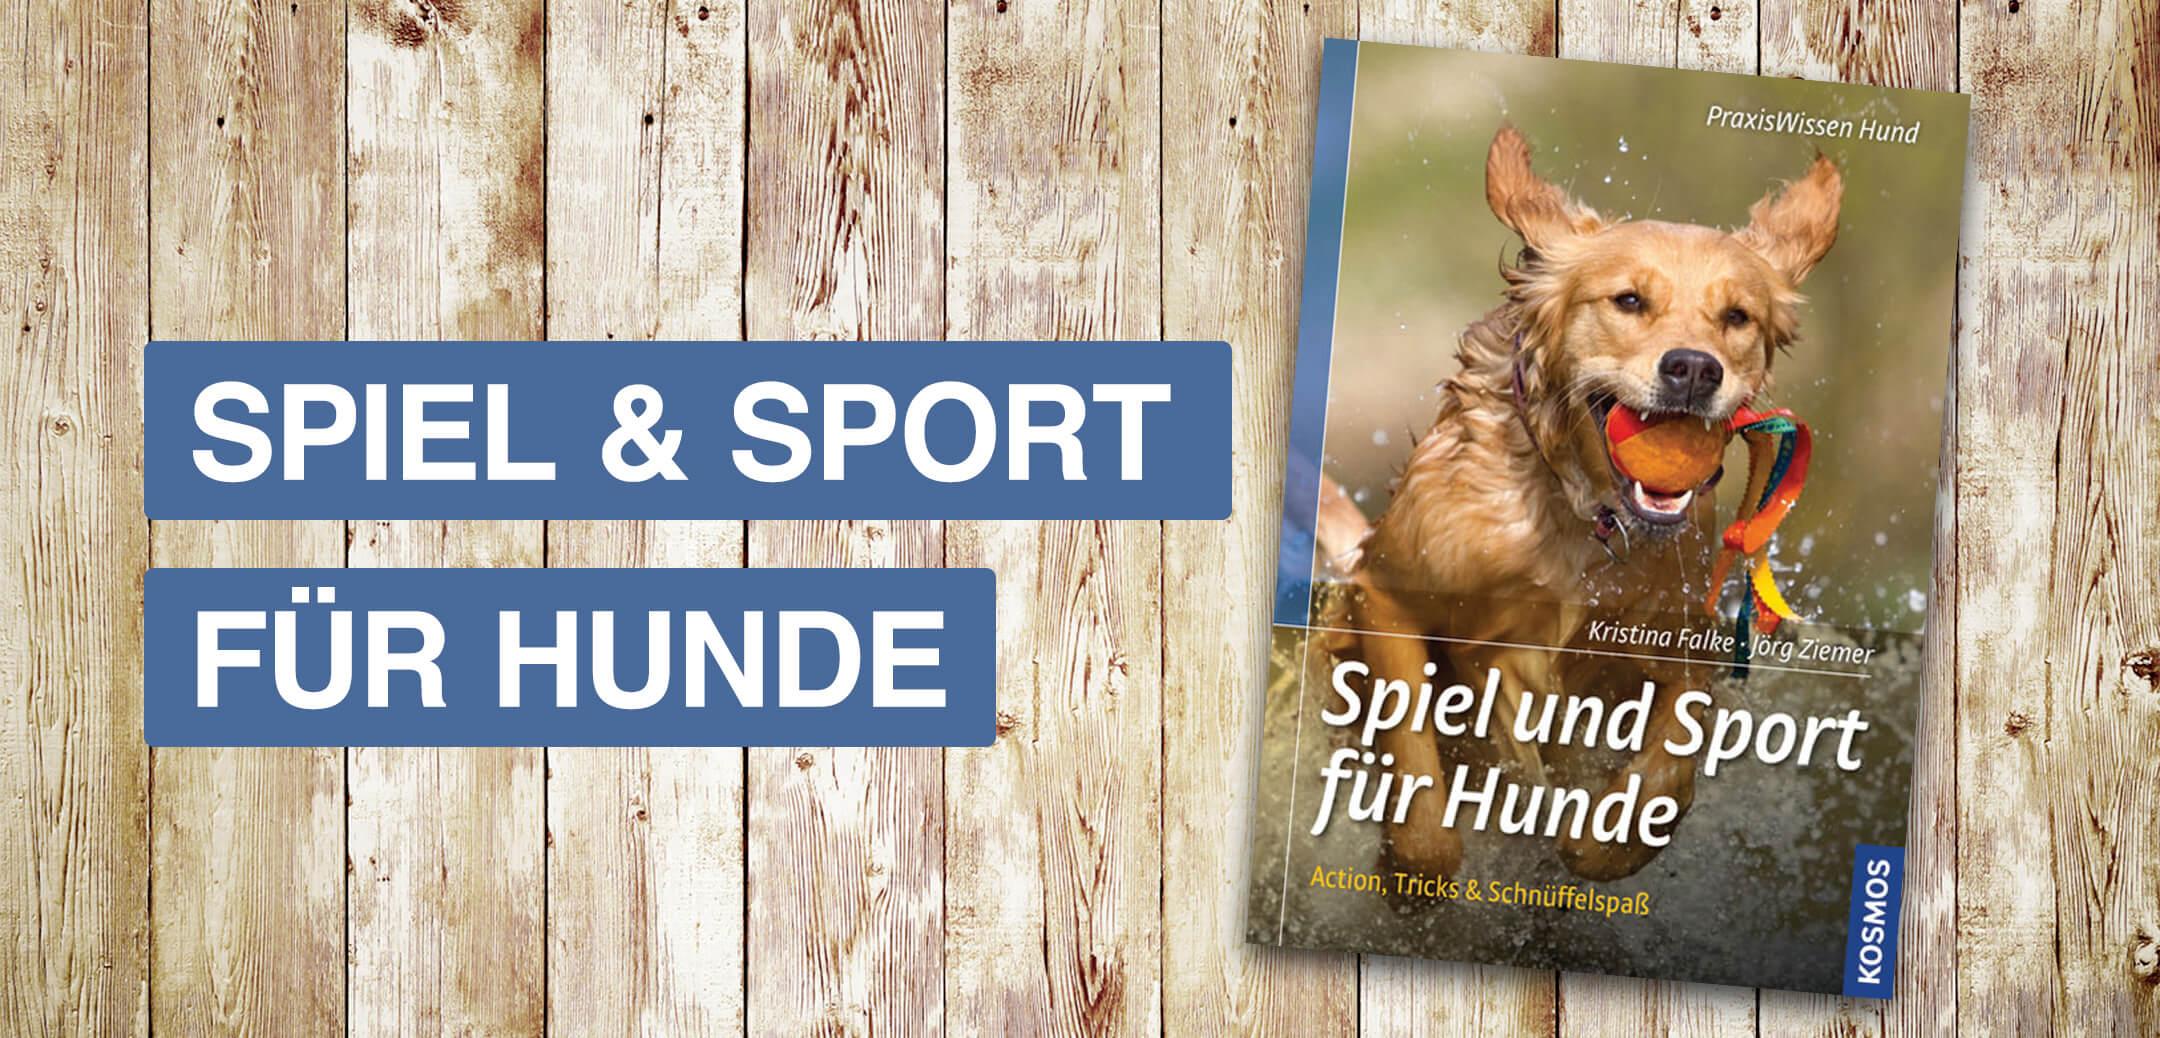 Spiel und Sport für Hunde Informationsseite Startbild